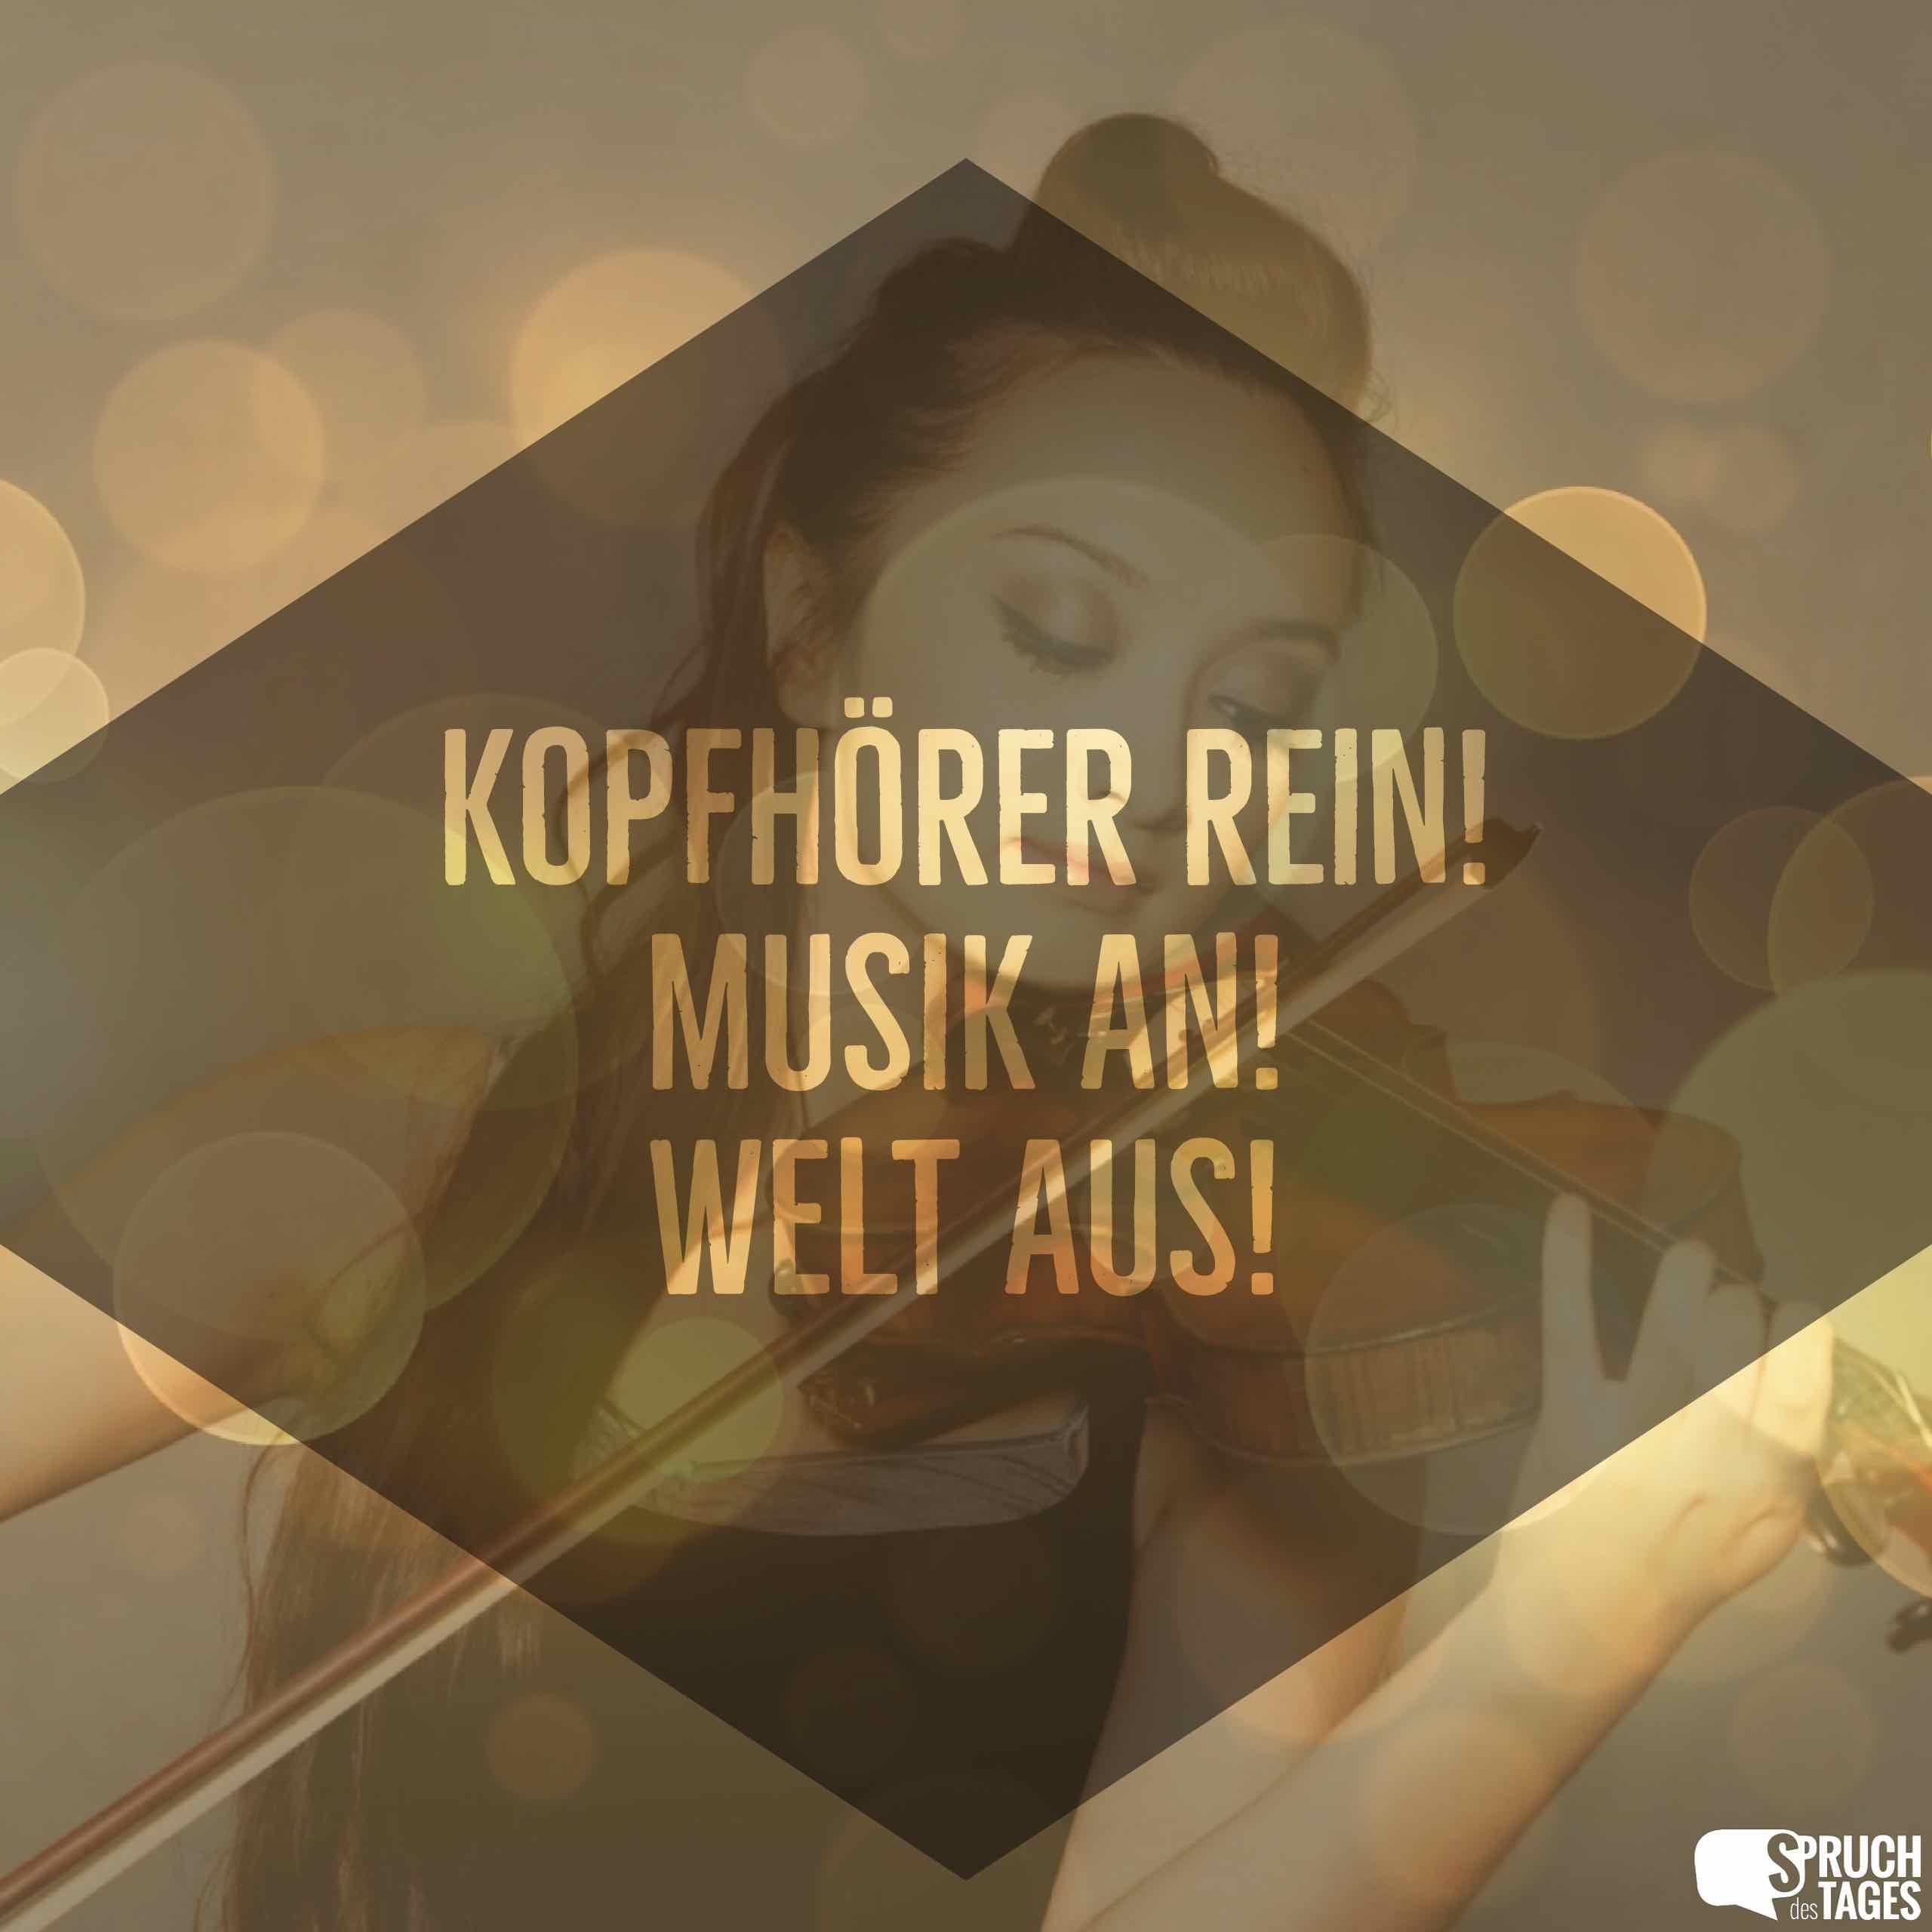 sprüche über musik Kopfhörer rein! Musik an! Welt aus! sprüche über musik